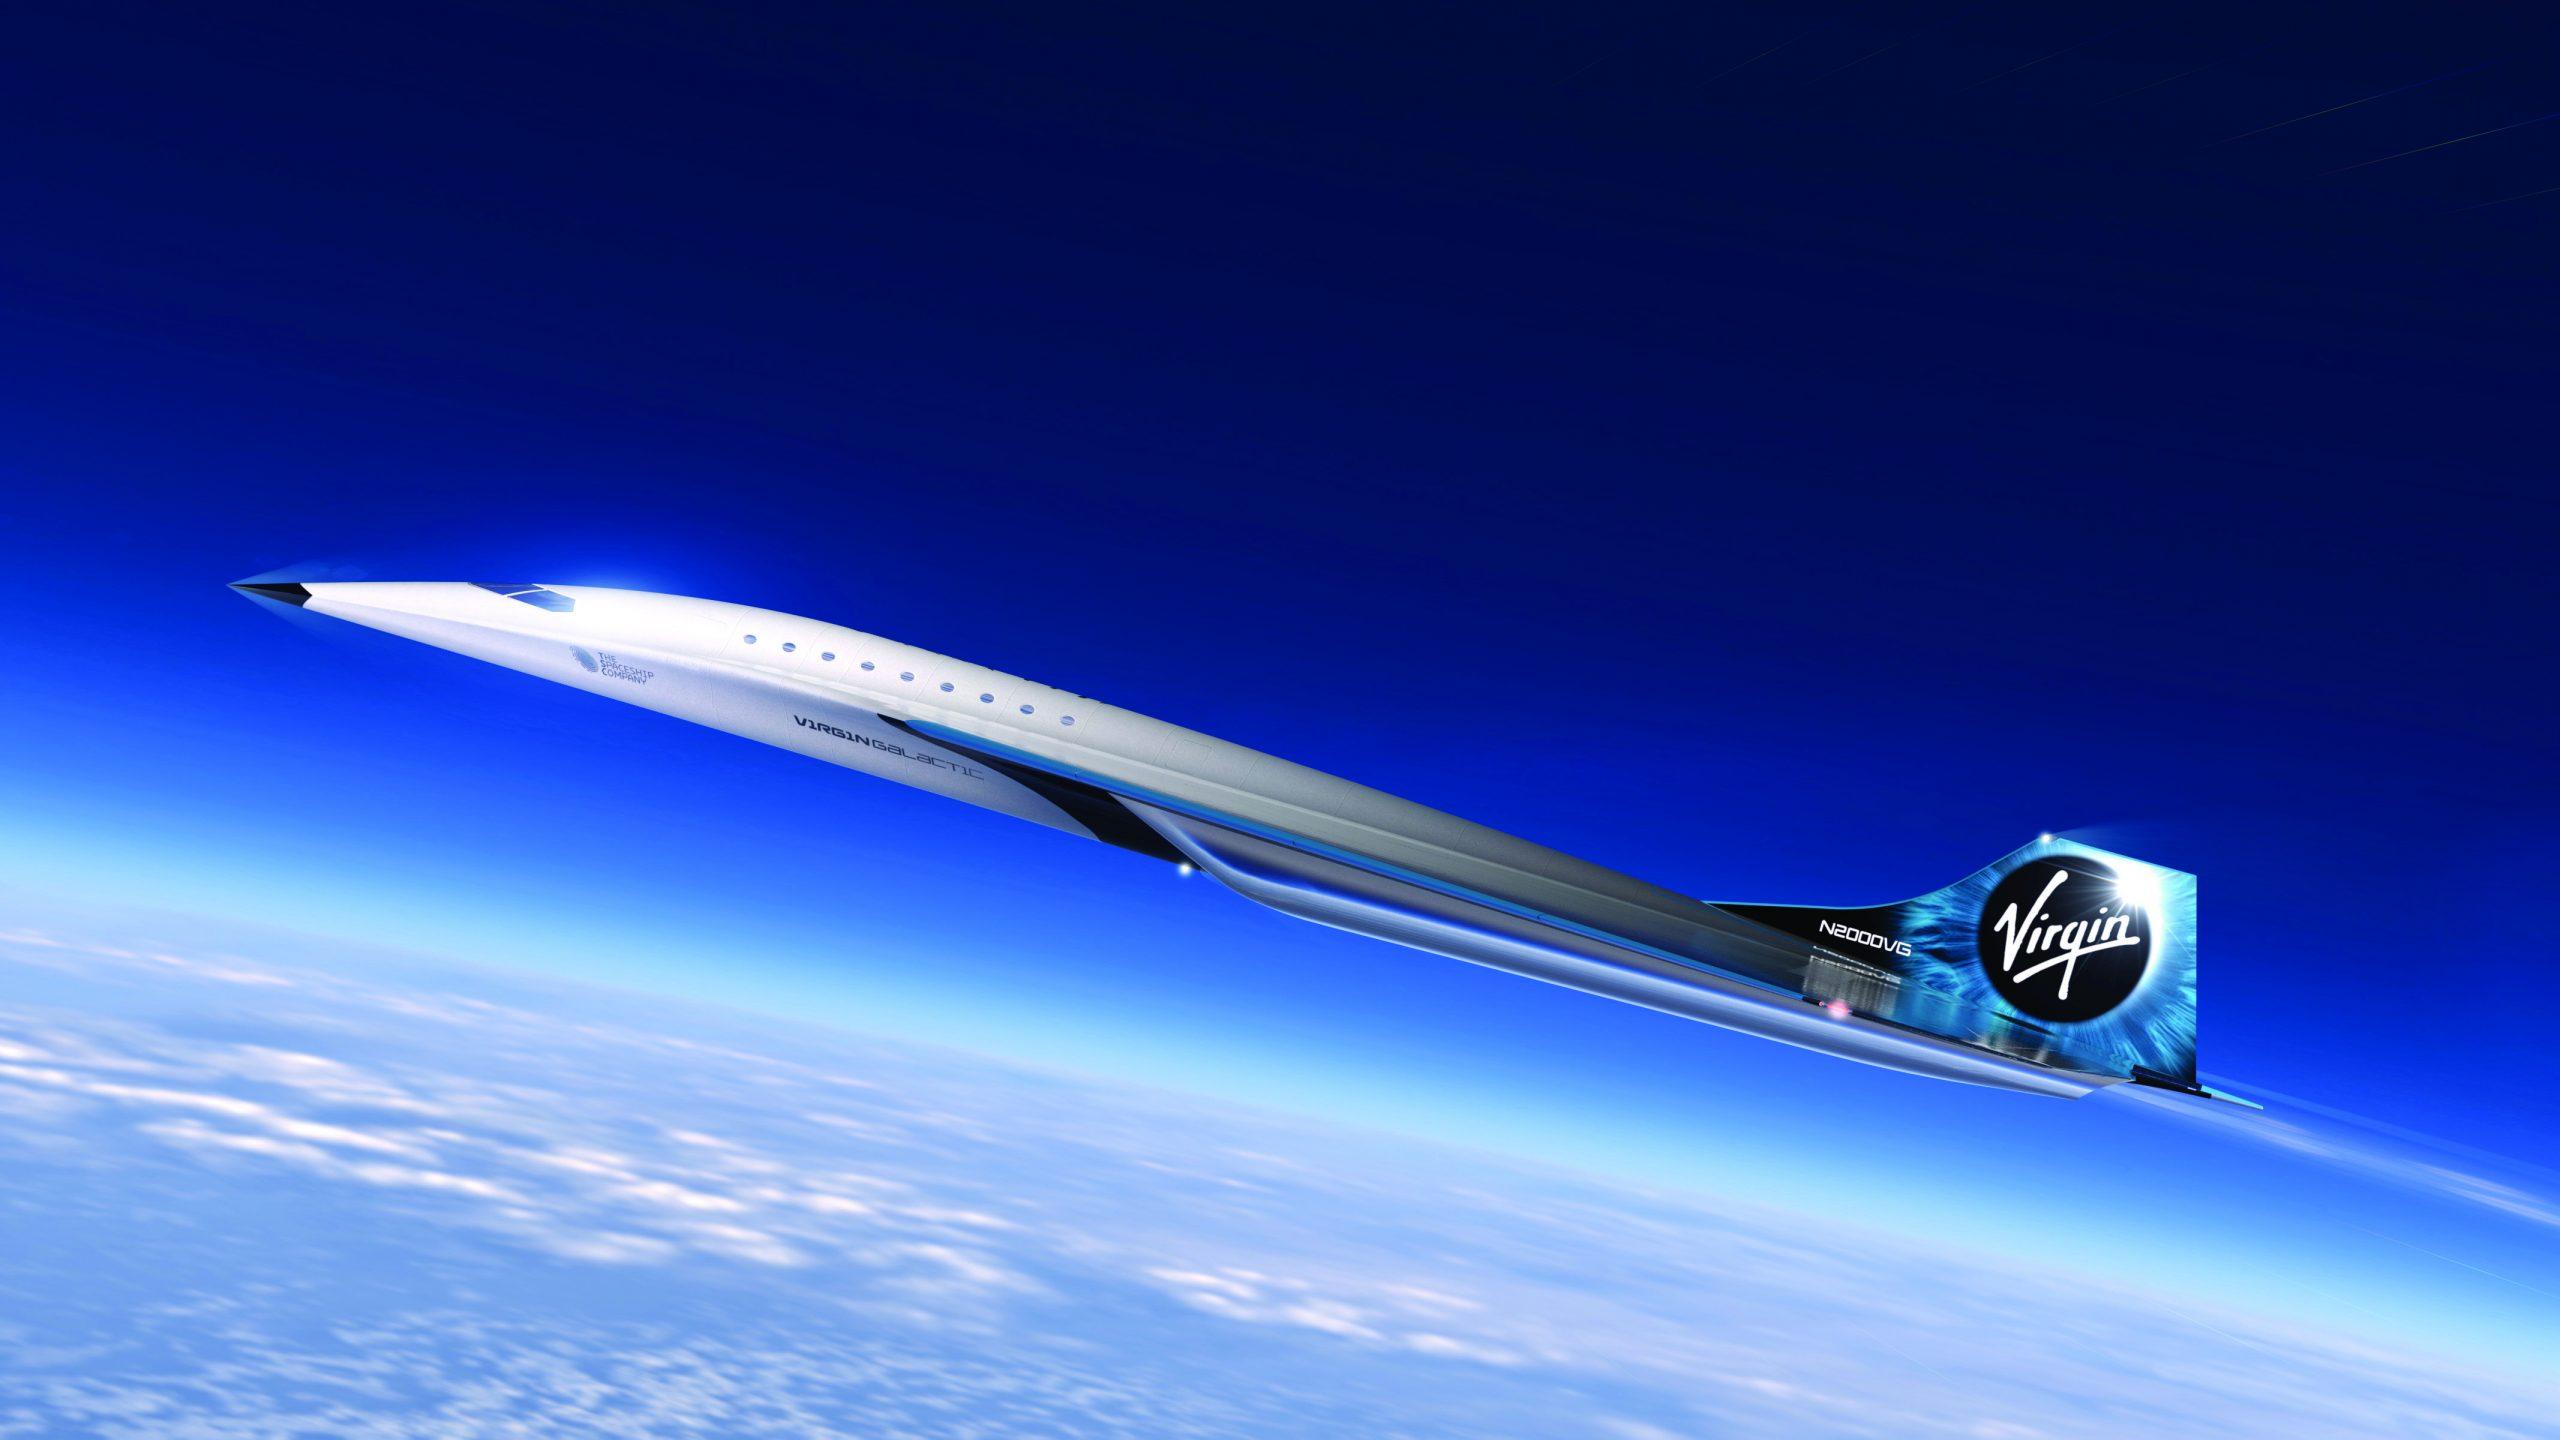 Designet af et nyt supersonisk fly fra Virgin Galactic, som skal kunne flyve med Mach 3 og medtage op til 19 passagerer. Foto: Virgin Galactic